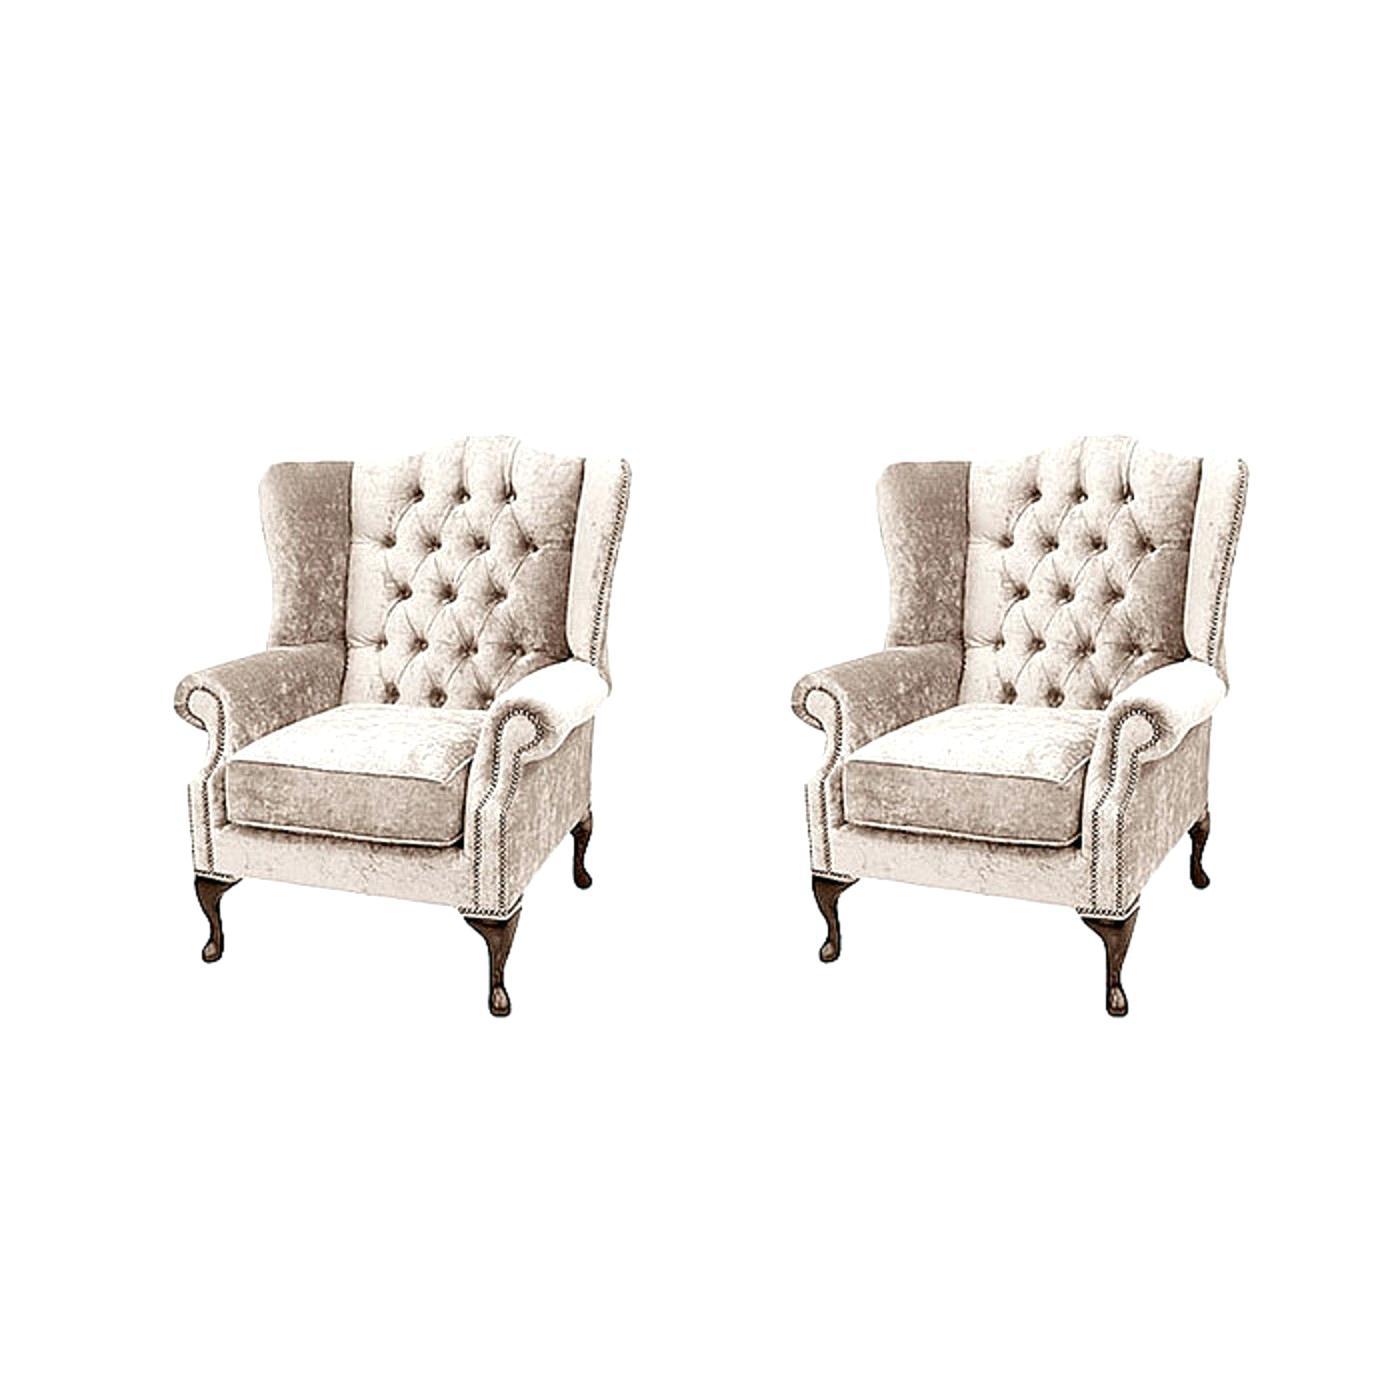 Delightful Velvet Sofa Chair And Velvet Sofa 1 31 Crushed Velvet Intended For Mansfield Graphite Velvet Sofa Chairs (Image 6 of 25)